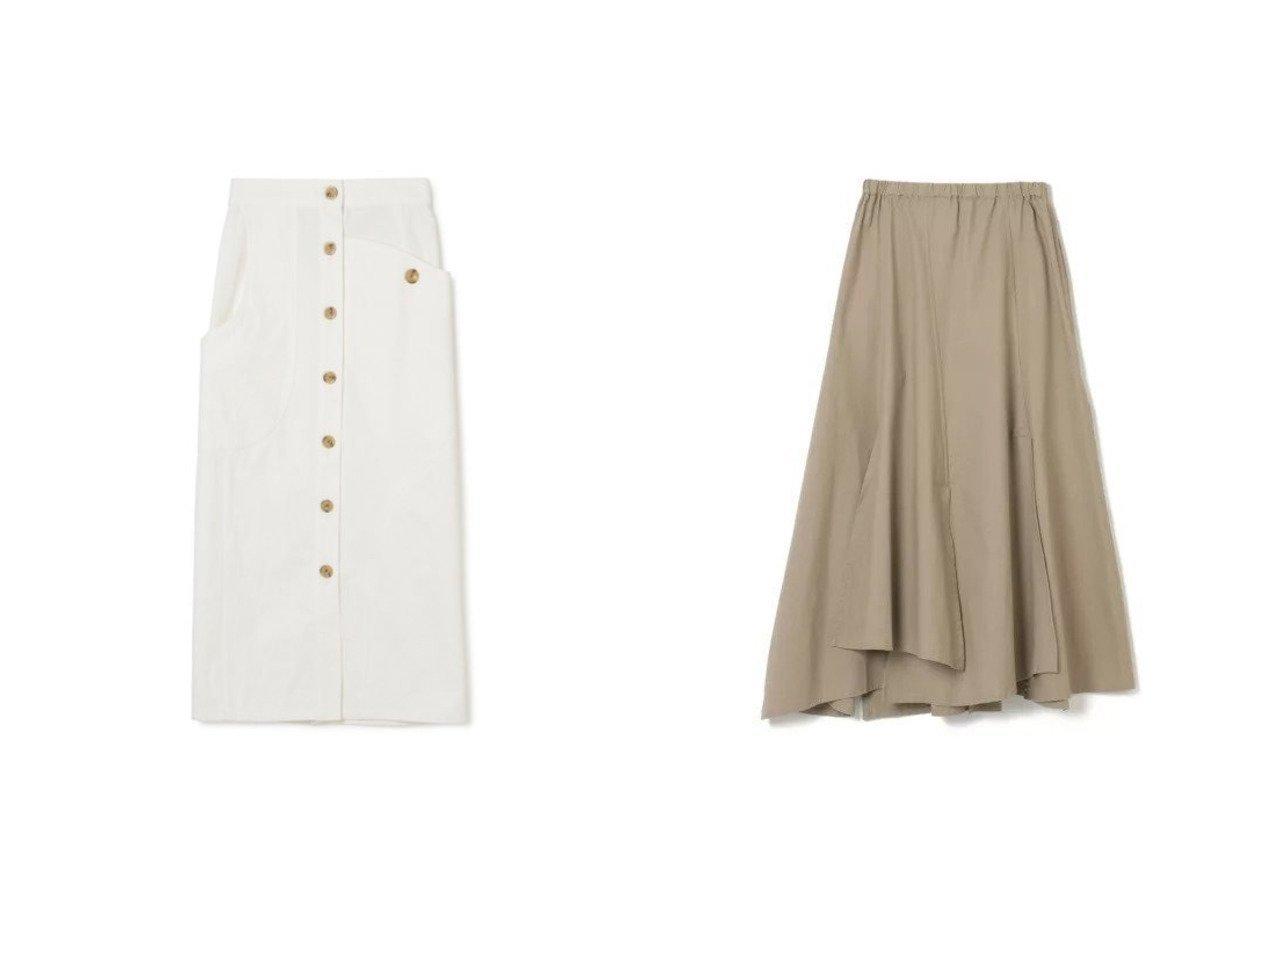 【AKIRANAKA/アキラナカ】のIrregular pocket white denim skirt&【FLORENT/フローレント】のCOTTON SHEETING スカートのおすすめ!人気、トレンド・レディースファッションの通販 おすすめで人気の流行・トレンド、ファッションの通販商品 メンズファッション・キッズファッション・インテリア・家具・レディースファッション・服の通販 founy(ファニー) https://founy.com/ ファッション Fashion レディースファッション WOMEN スカート Skirt デニムスカート Denim Skirts 2021年 2021 2021 春夏 S/S SS Spring/Summer 2021 S/S 春夏 SS Spring/Summer アシンメトリー カッティング スタイリッシュ センター フロント ポケット マキシ ロング エレガント ギャザー 洗える |ID:crp329100000016295